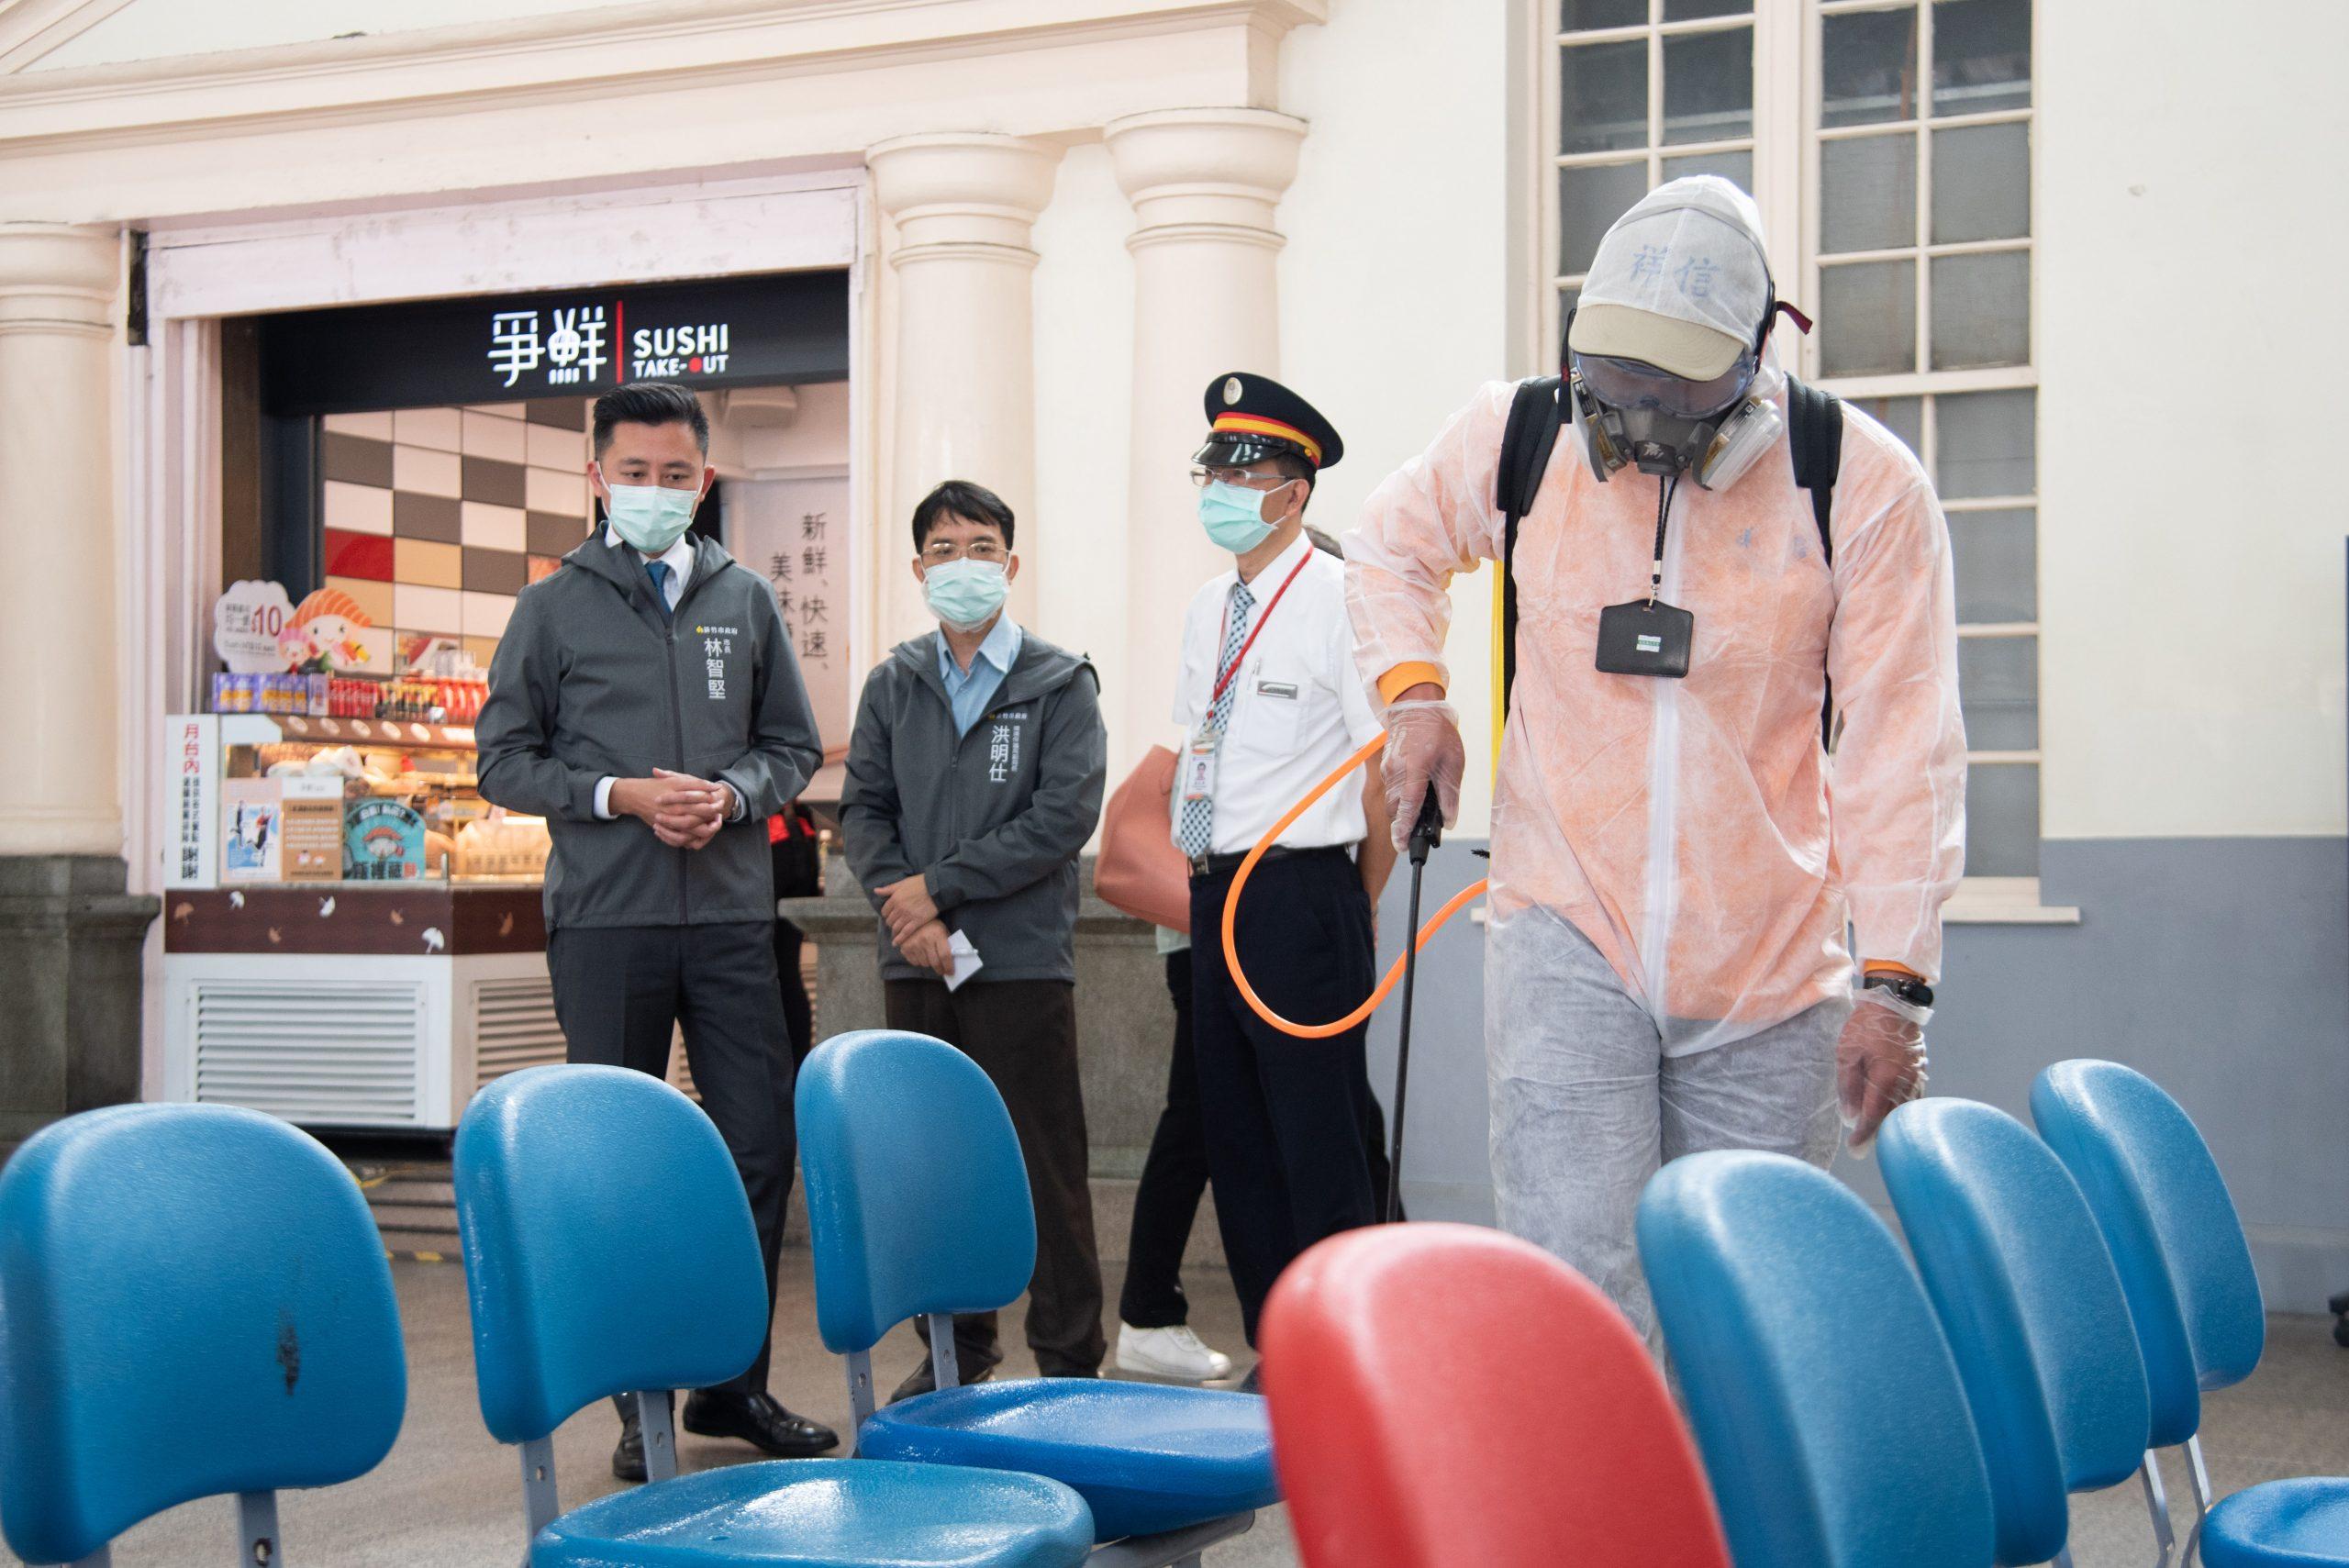 因應疫情 市長林智堅宣布據點供餐不共餐、公有場館加強防疫